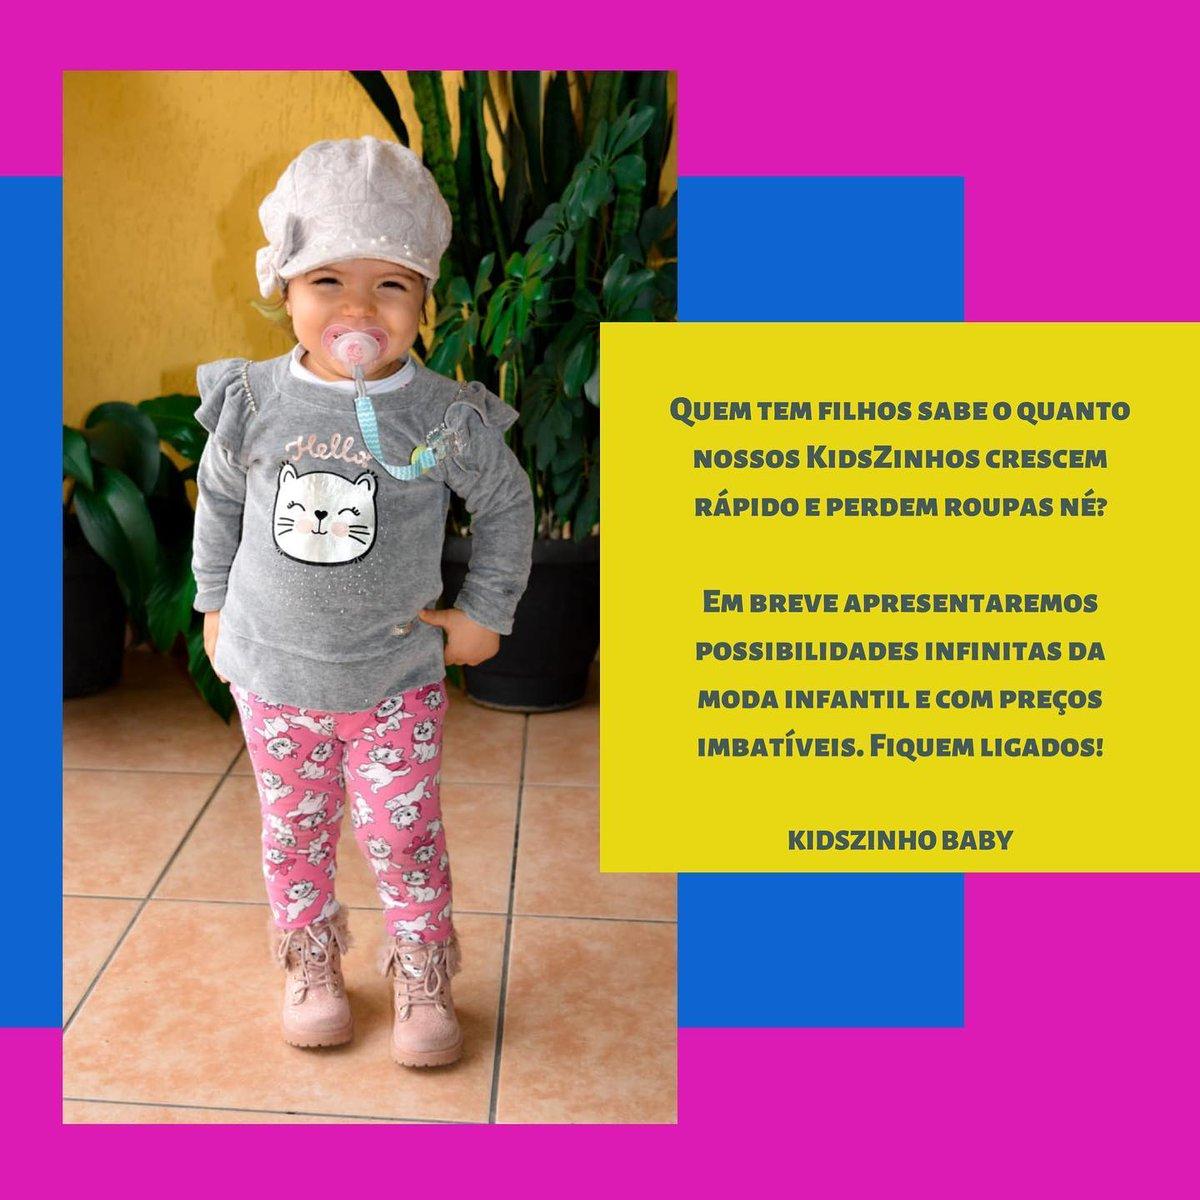 Em breve apresentaremos possibilidades infinitas da moda infantil e com preço imbatível #roupainfantil #modainfantil #maedemenina #maedemenino #fashionkids #bebe #modakids #menino #menina #compras #lookinfantil #gravida #maternidade #modamenina #modamenino #modabebe #mamaeepapaipic.twitter.com/Z1h8rnK2SC